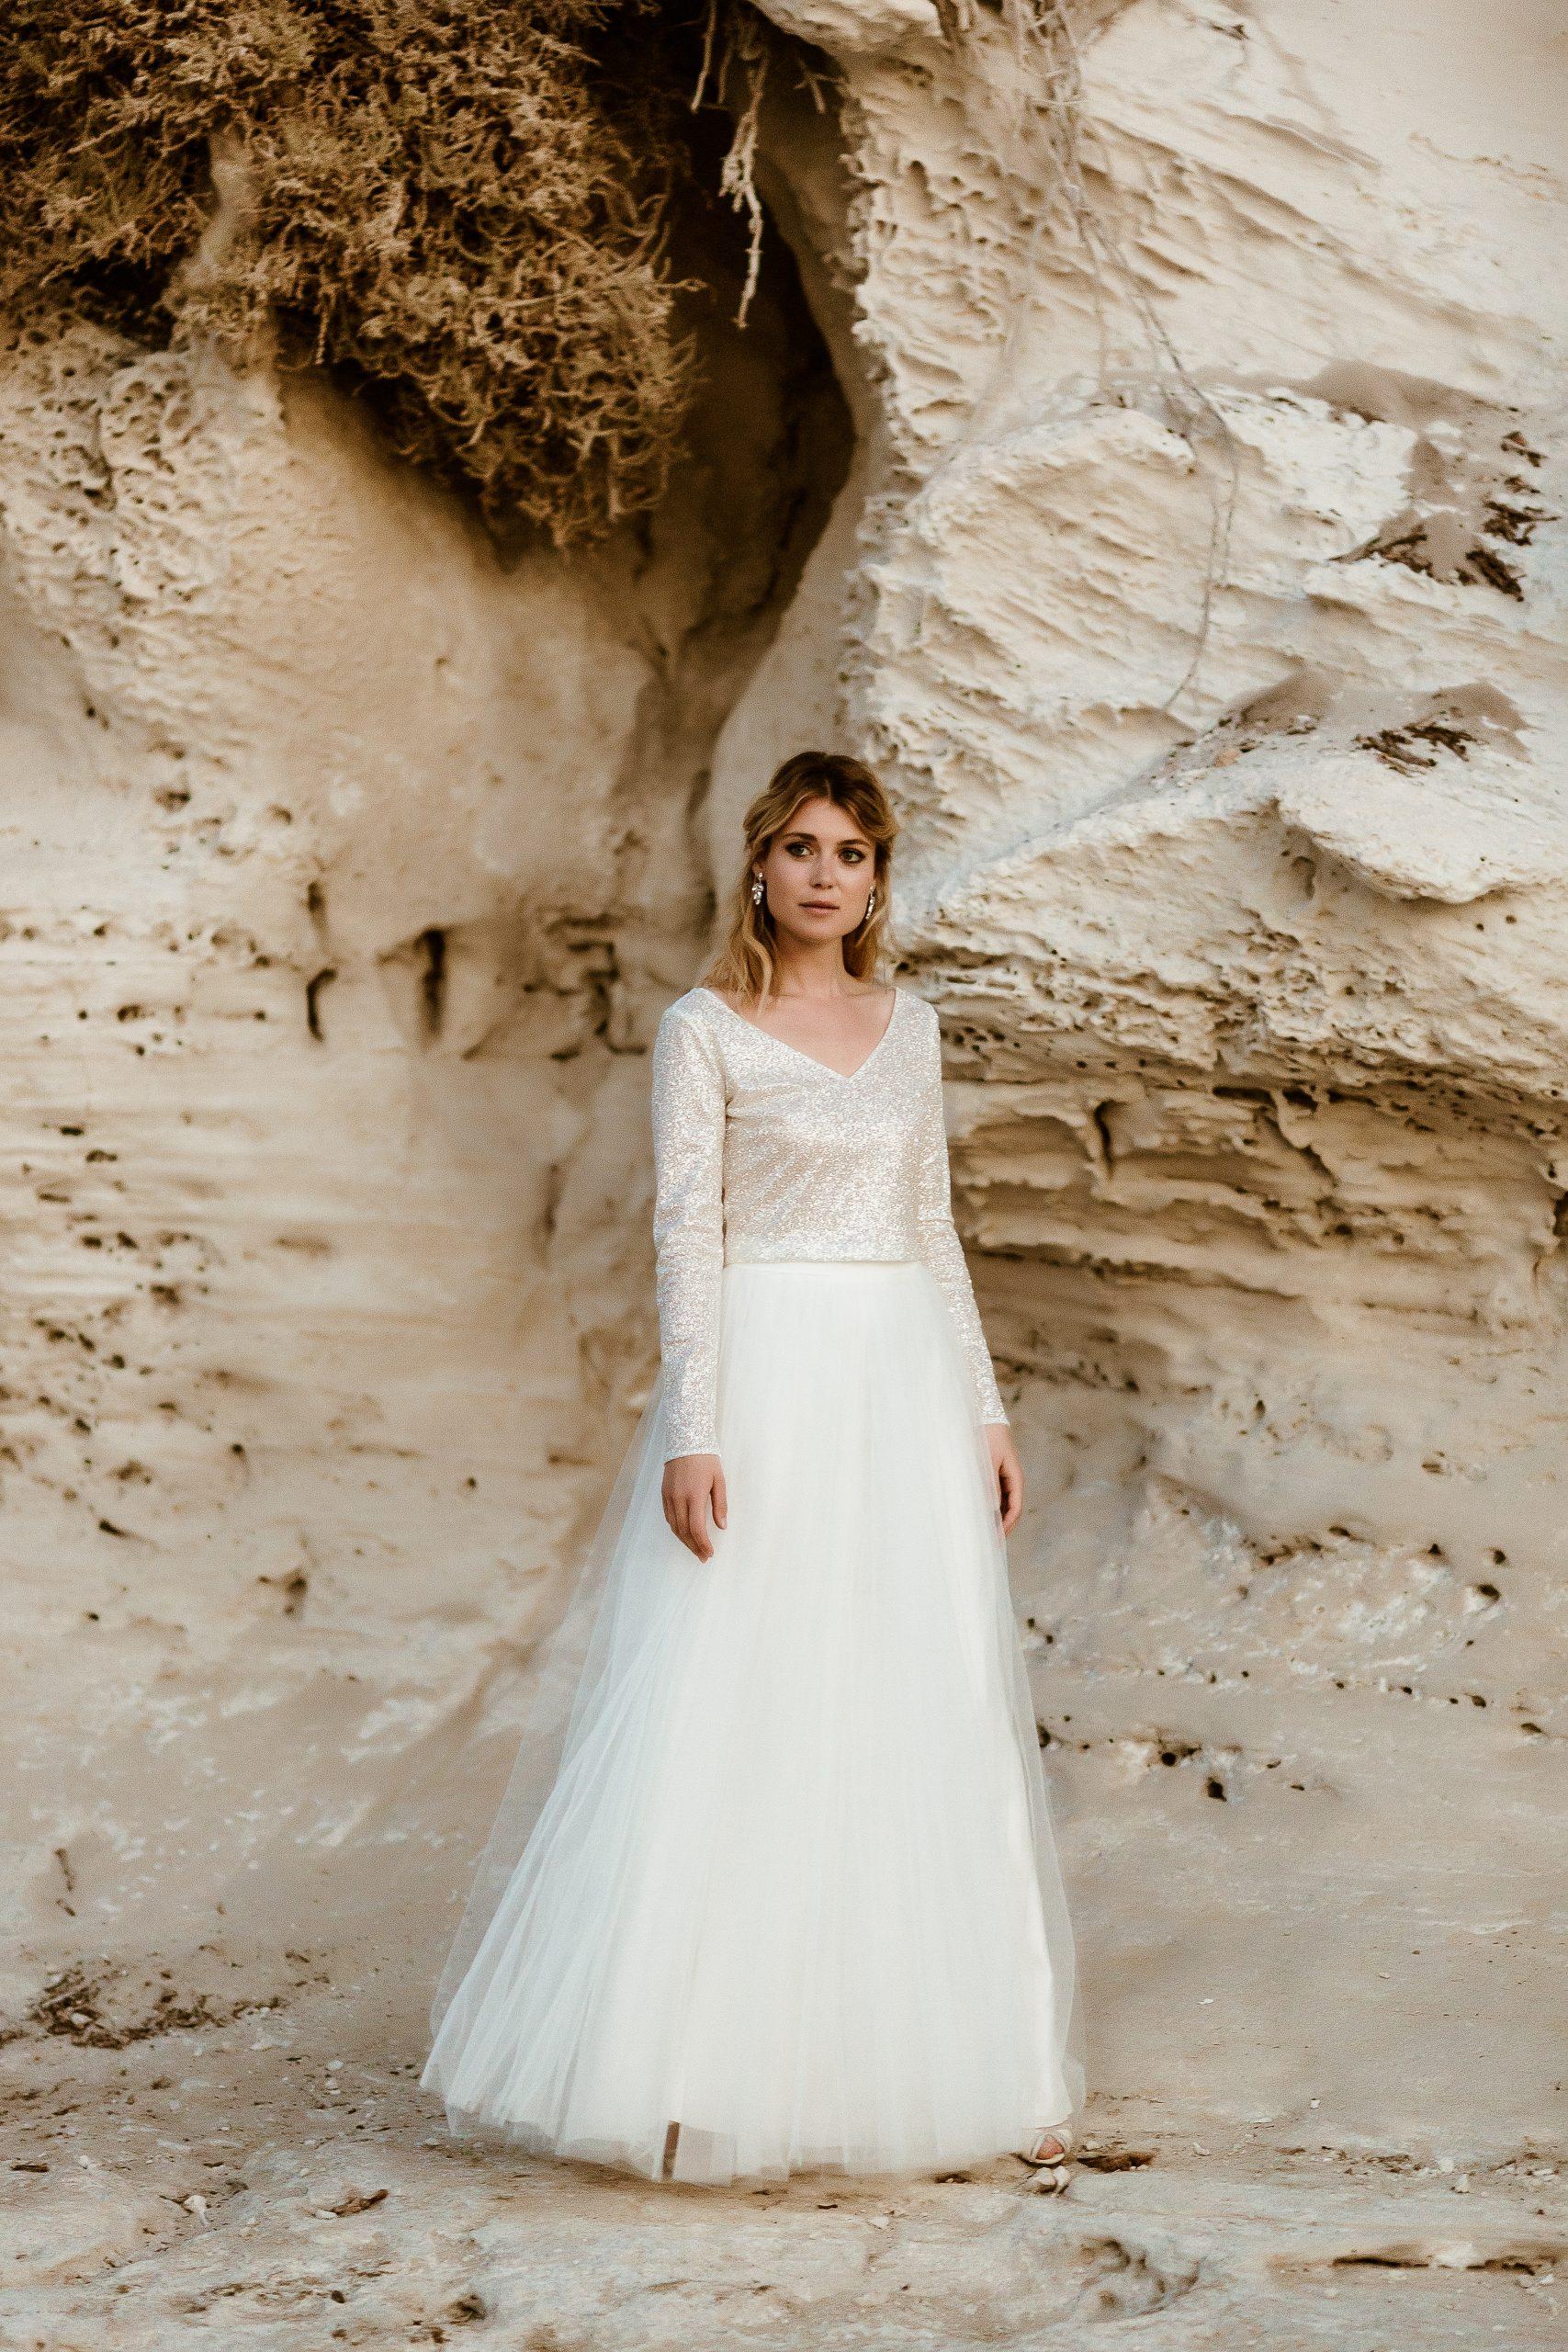 noni zweiteiliges Hochzeitskleid mit Glitzer-Top und Tüllrock